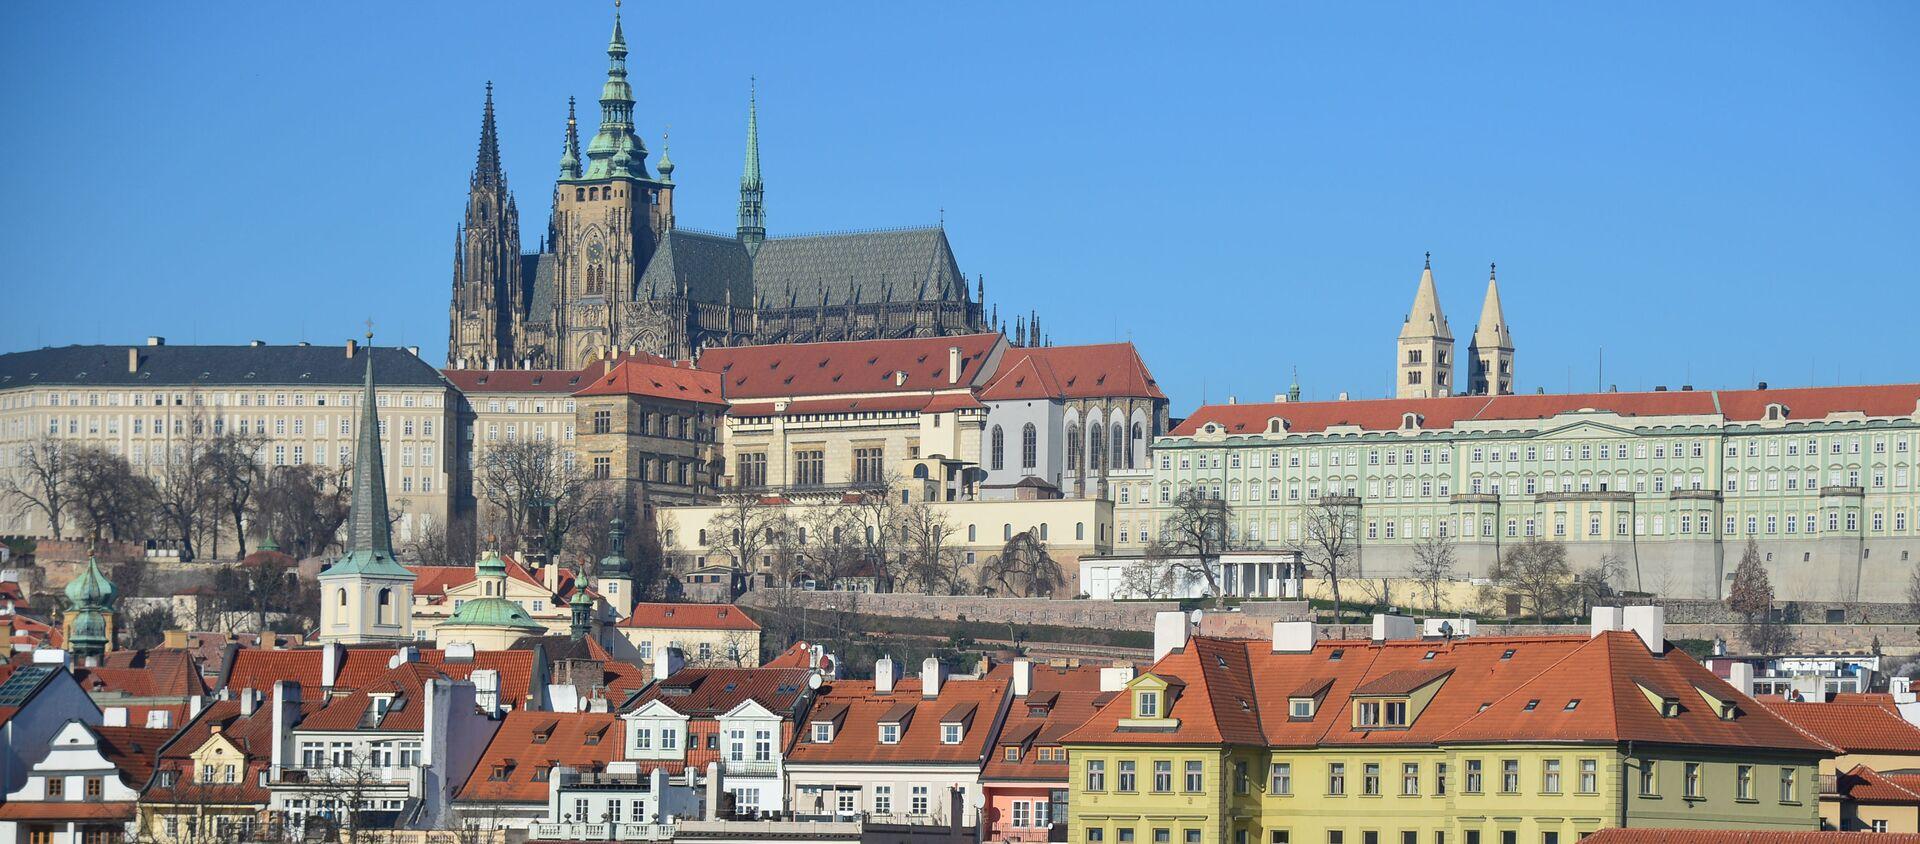 Widok na Pragę i Katedrę św. Wita od strony rzeki Wełtawy  - Sputnik Polska, 1920, 22.04.2021